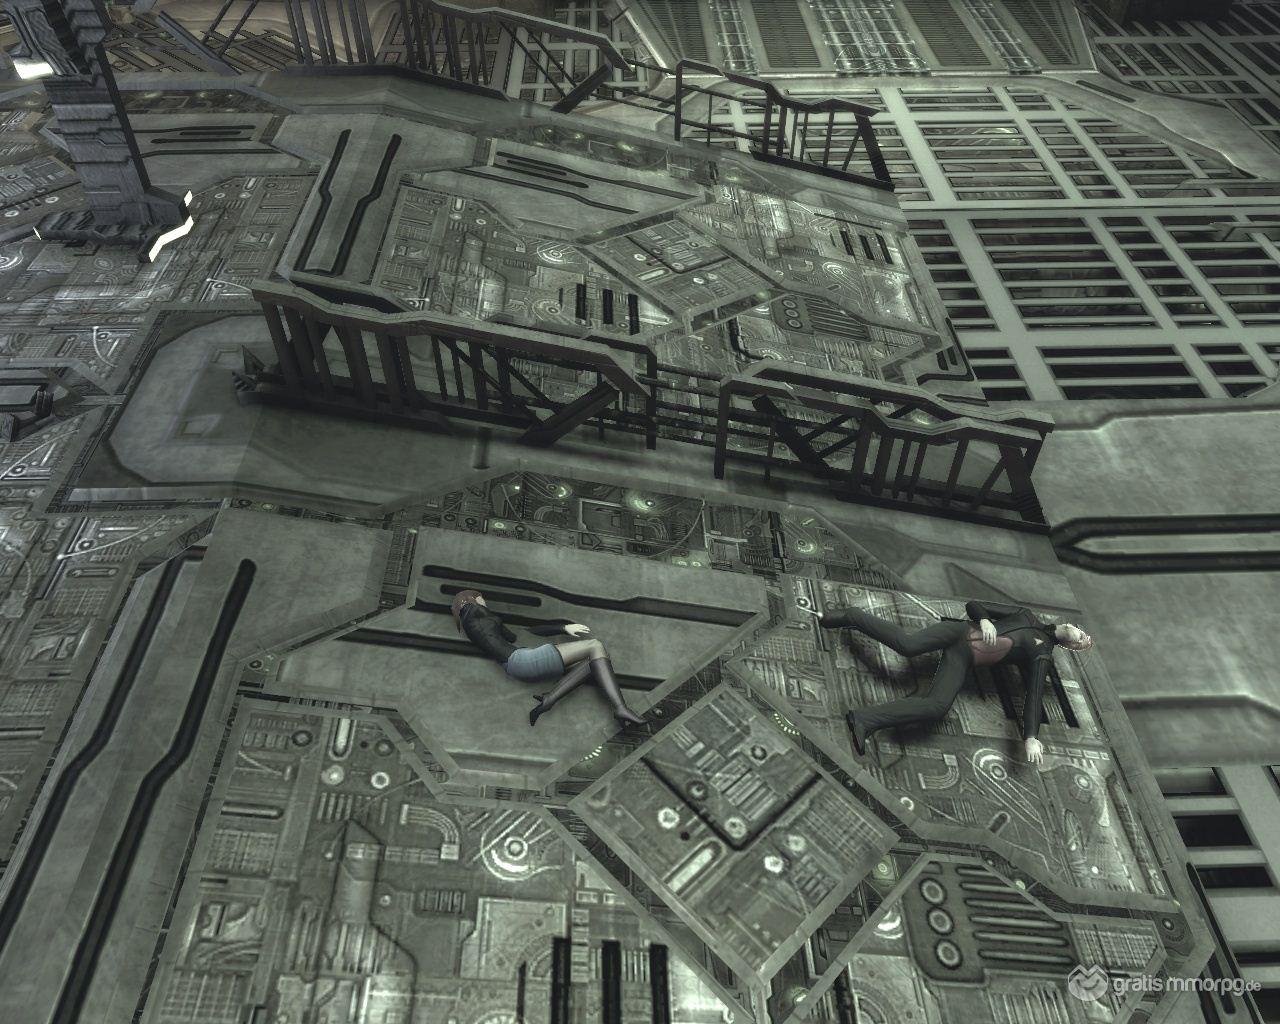 Klicke auf die Grafik für eine größere AnsichtName:Star Trek Online (14).jpgHits:171Größe:240,8 KBID:4462